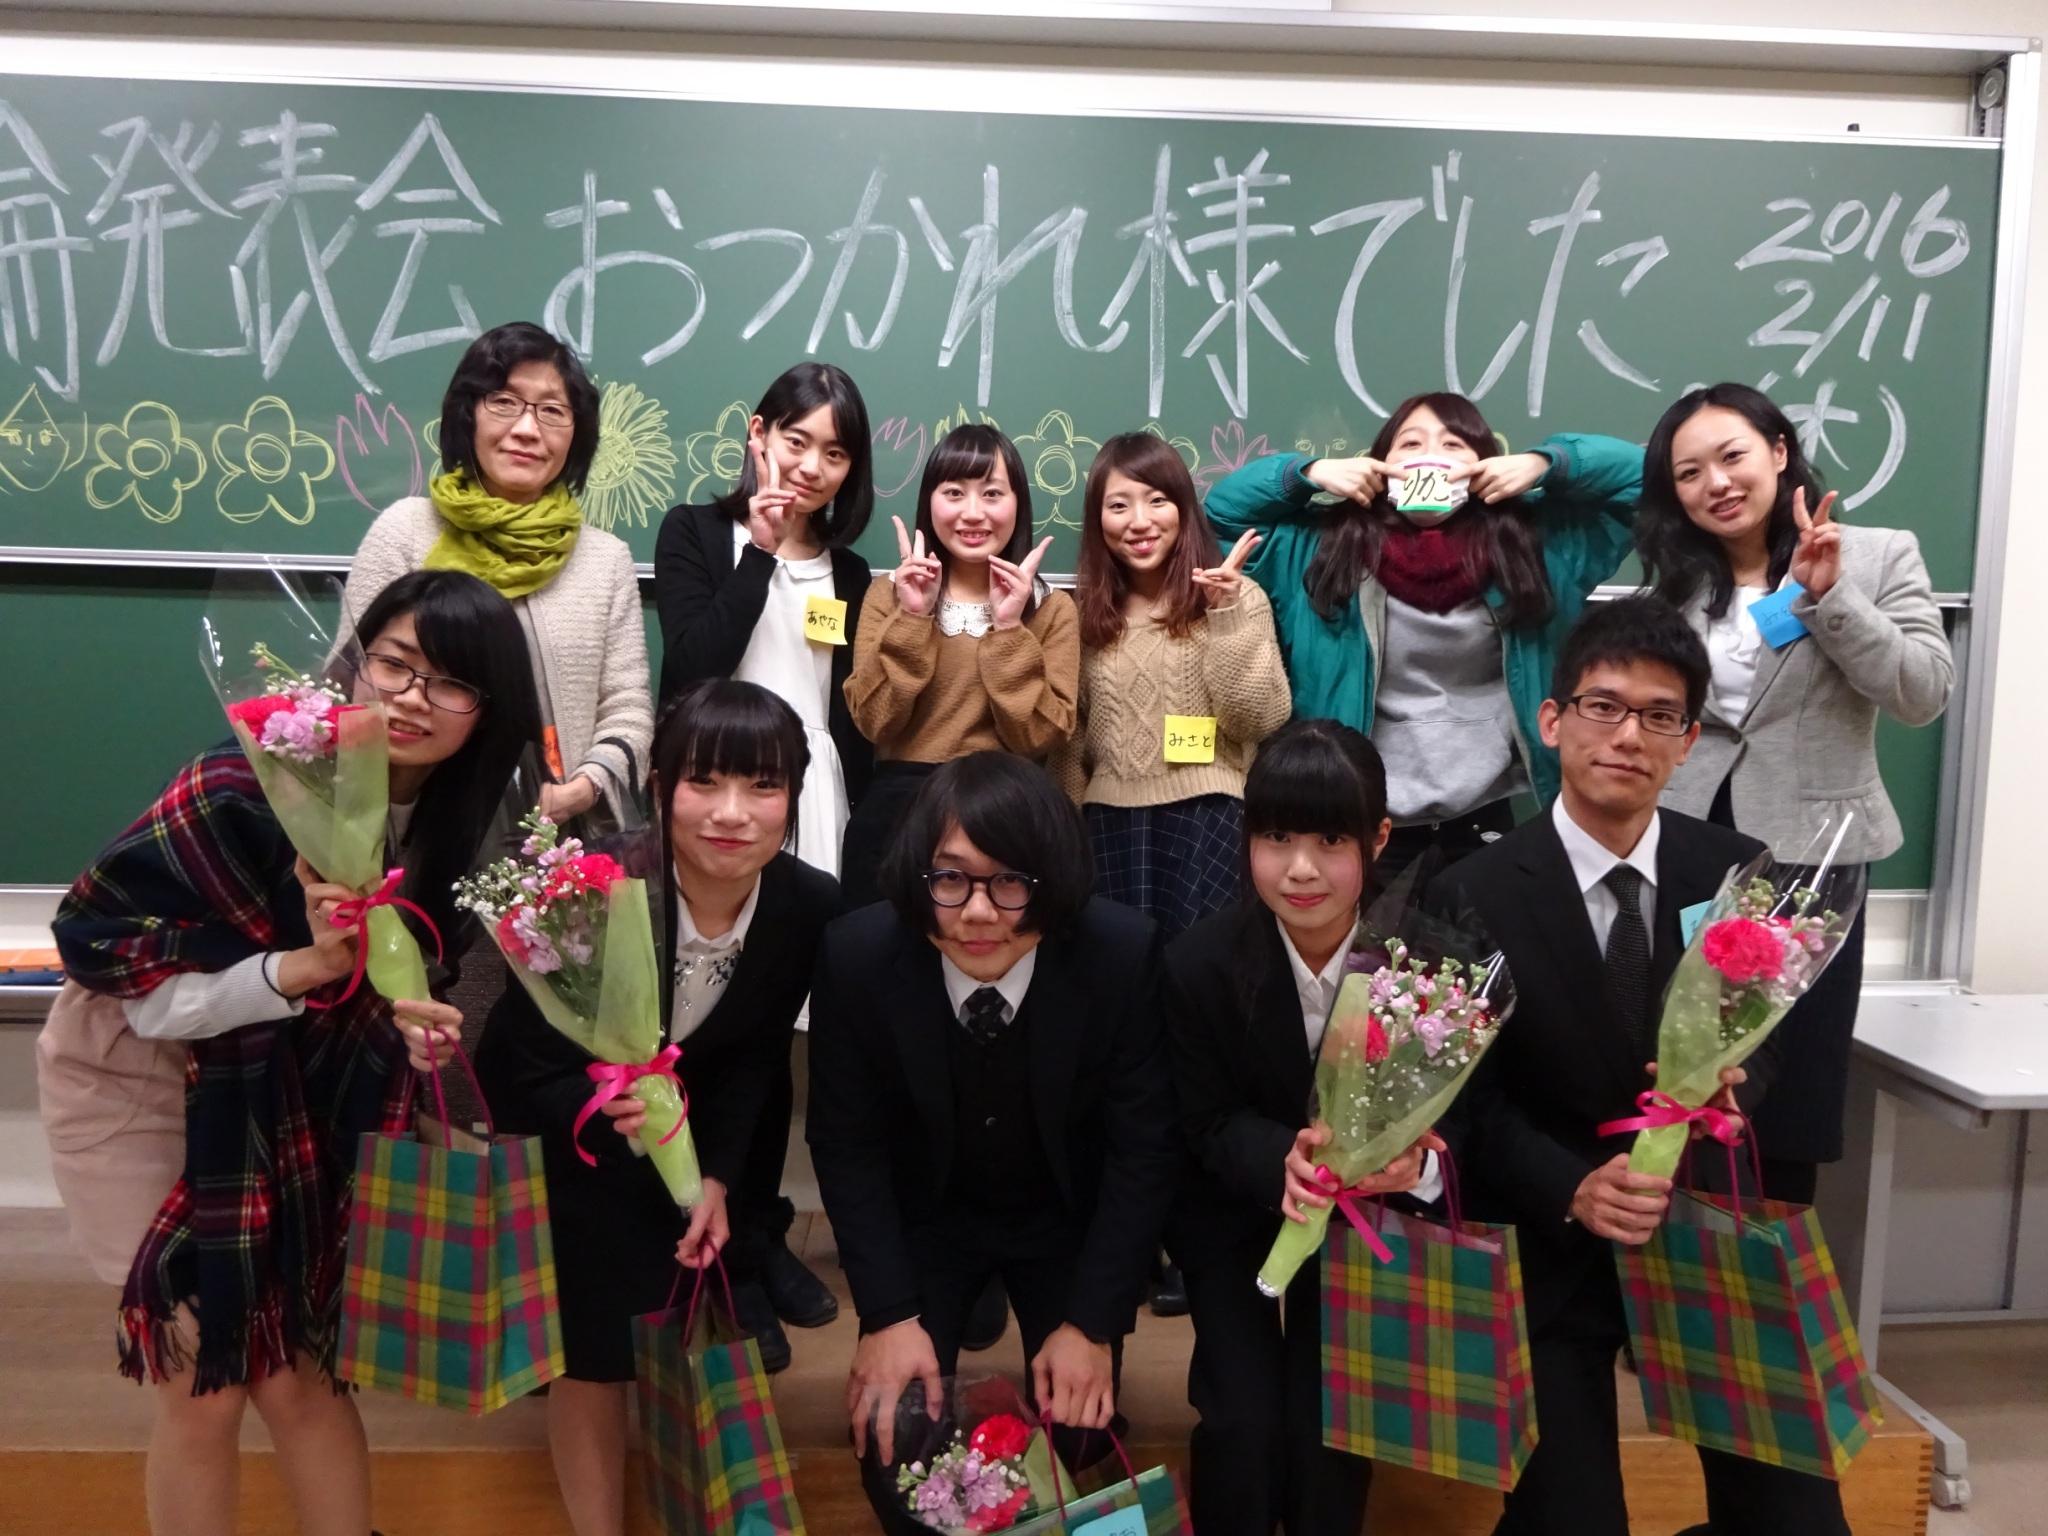 2015年度卒論発表会_9540